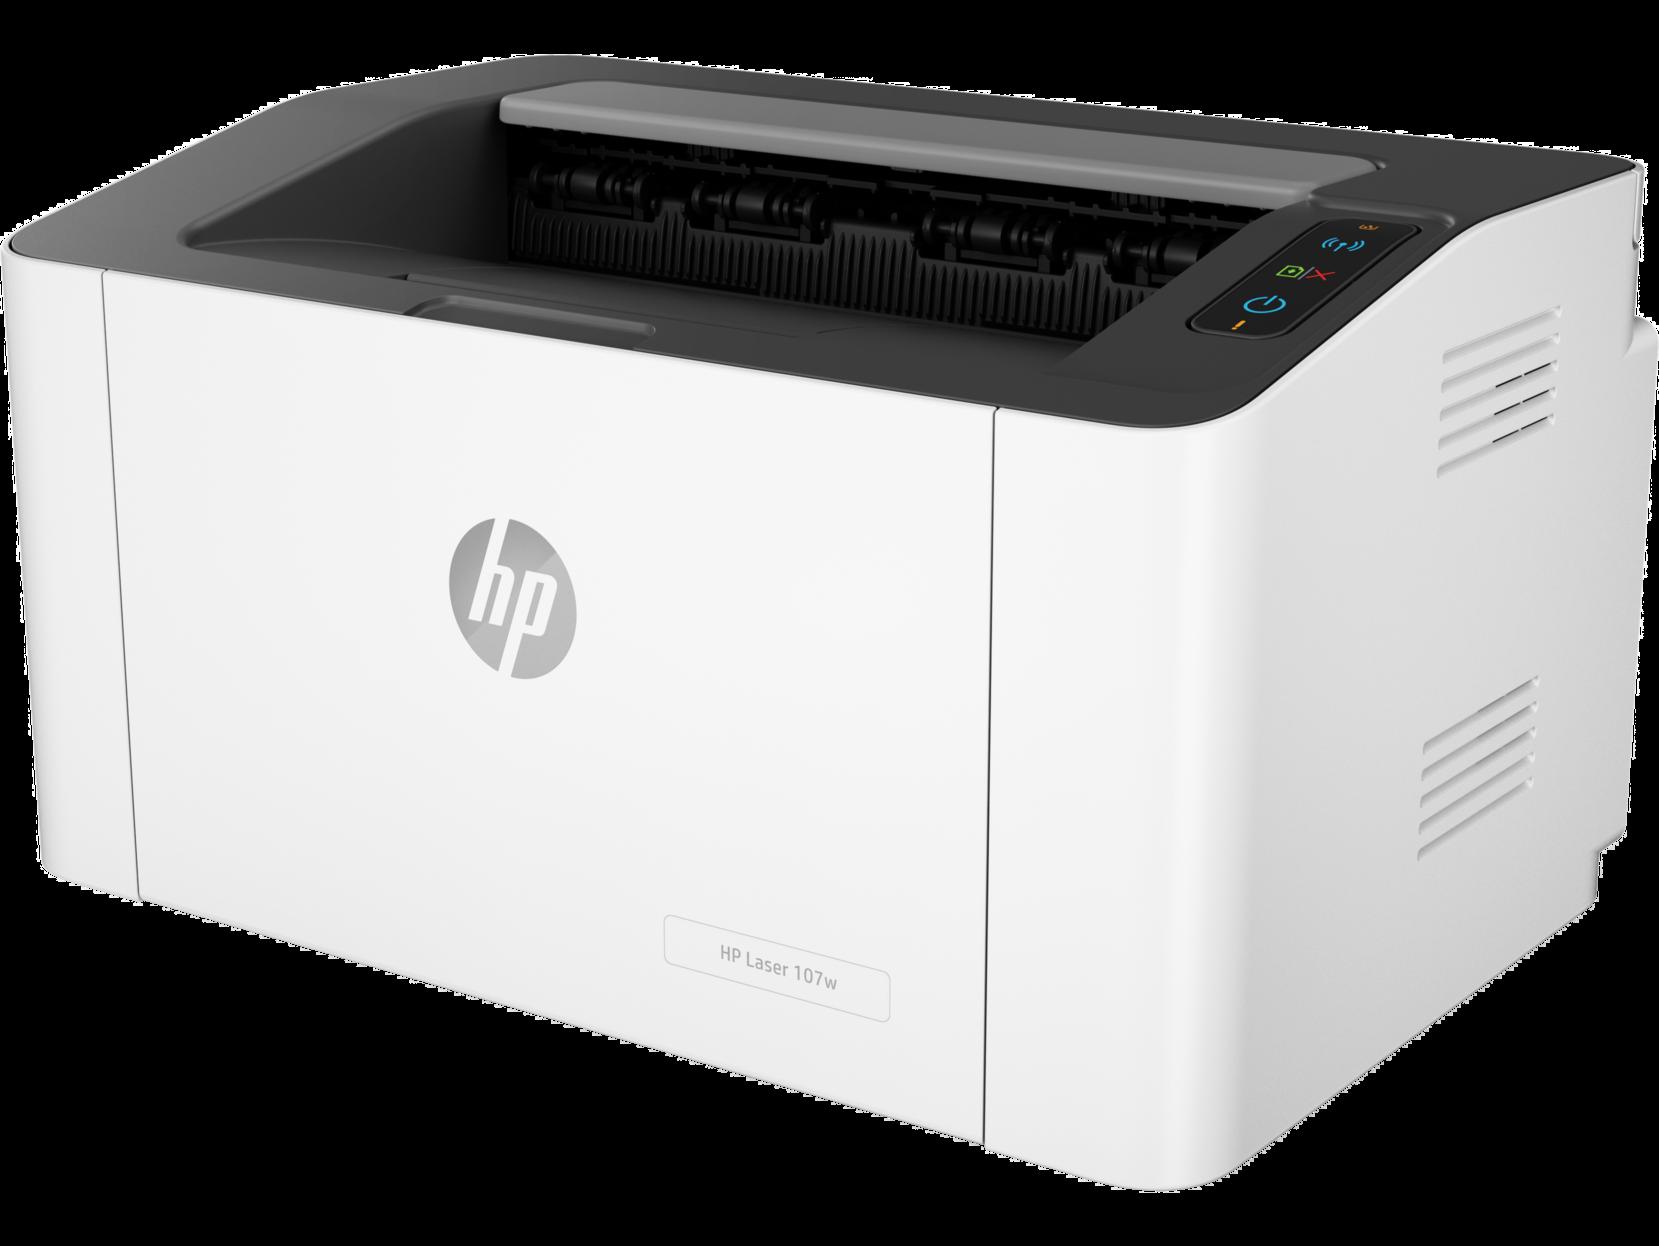 Монохромный лазерный принтер HP Laser 107w, Белый, Китай  - купить со скидкой